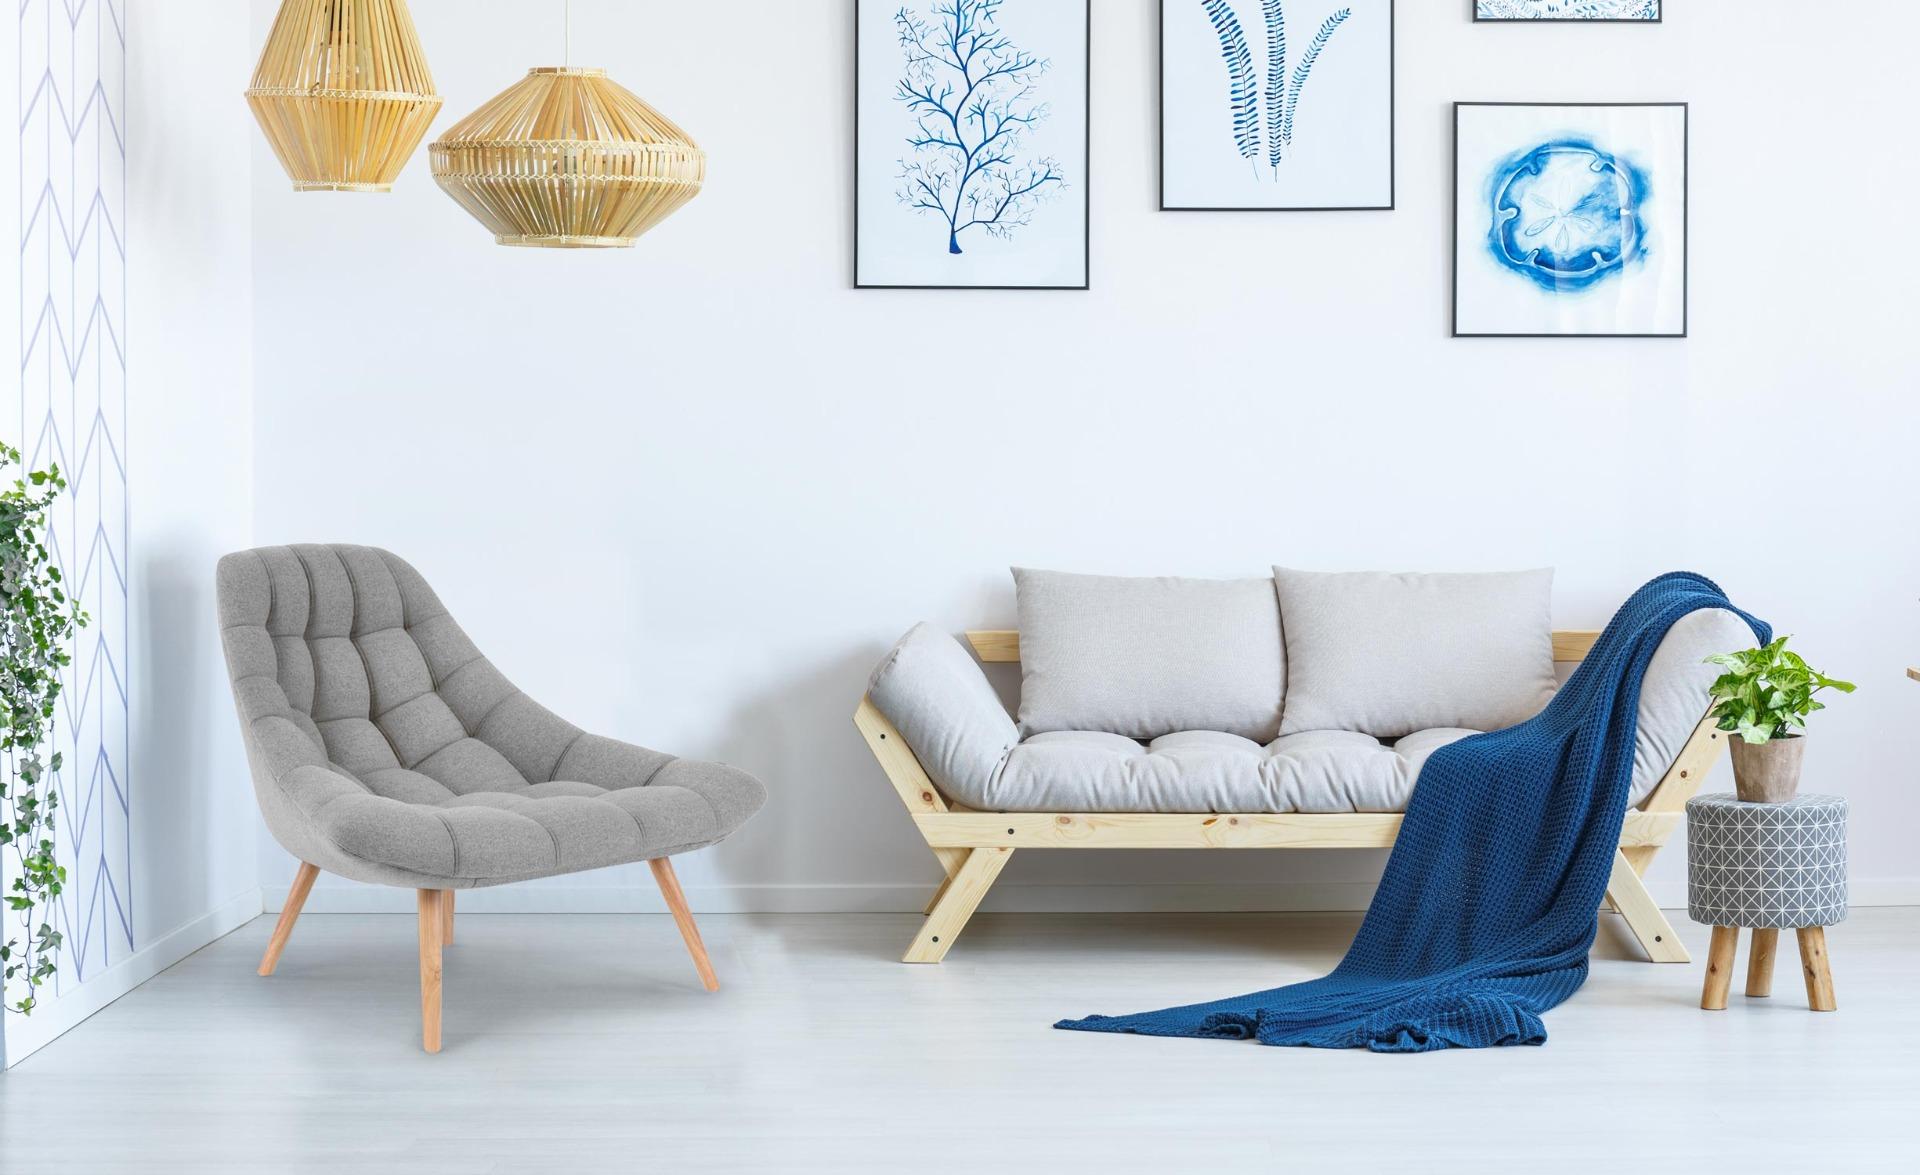 Set van 2 Danios fauteuils in grijze stof